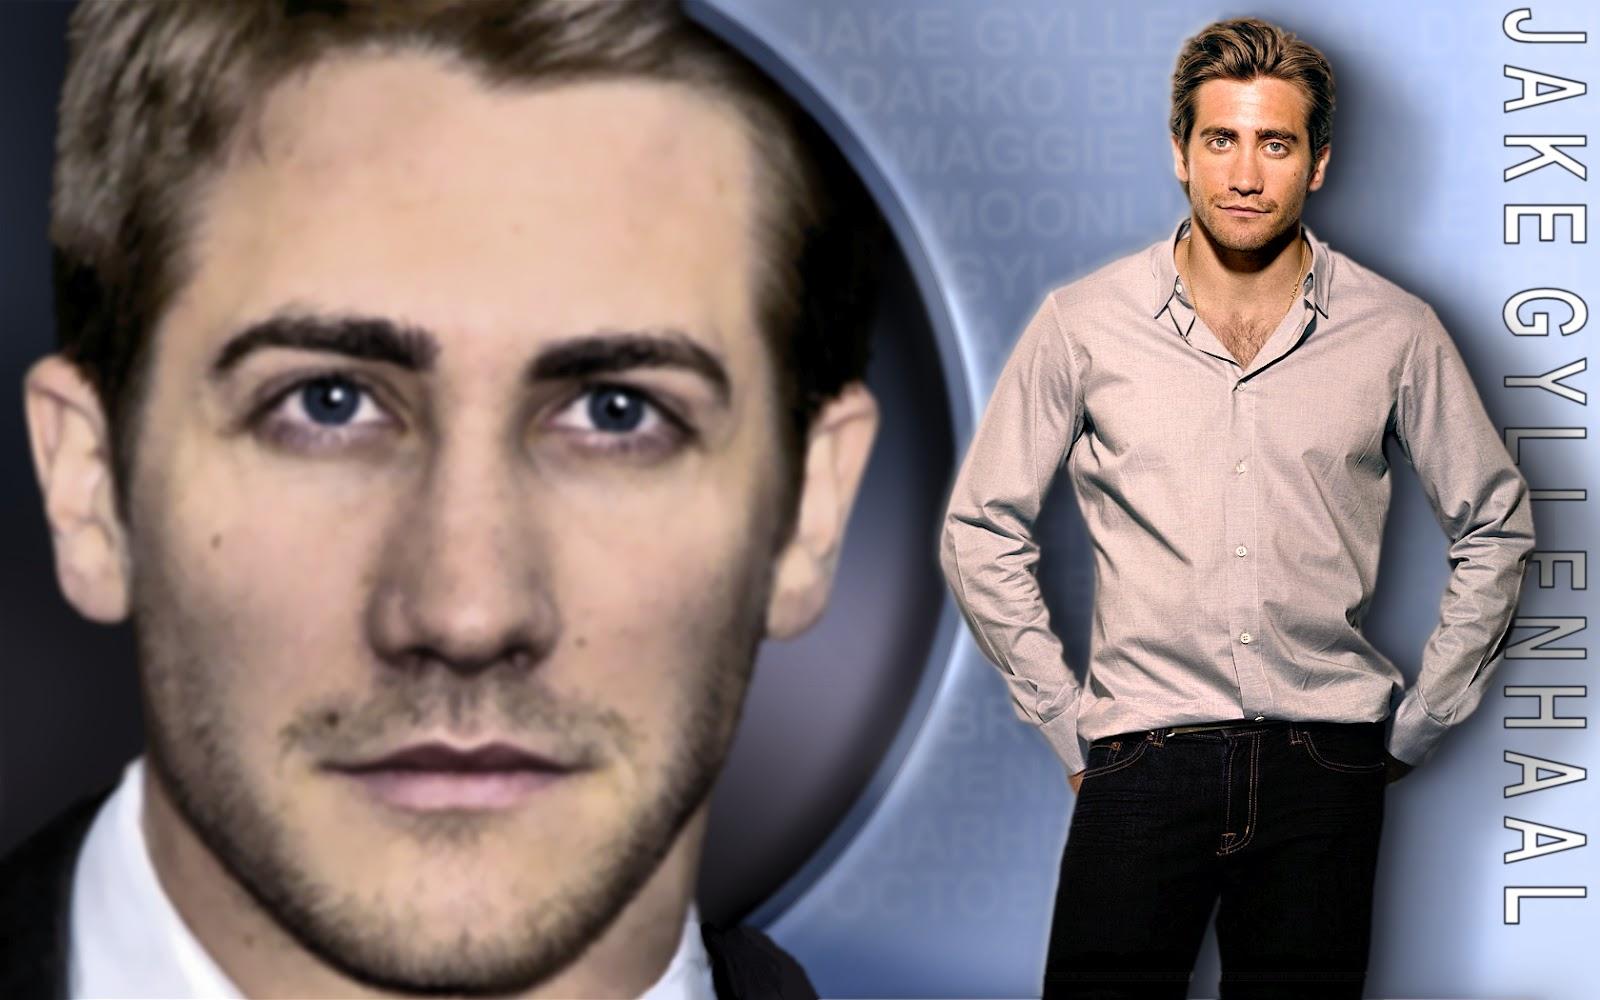 http://4.bp.blogspot.com/-5nAykTGu9IY/T8XwLLM885I/AAAAAAAACtY/zeBIOaWlahM/s1600/foto-Jake-Gyllenhaal.jpg